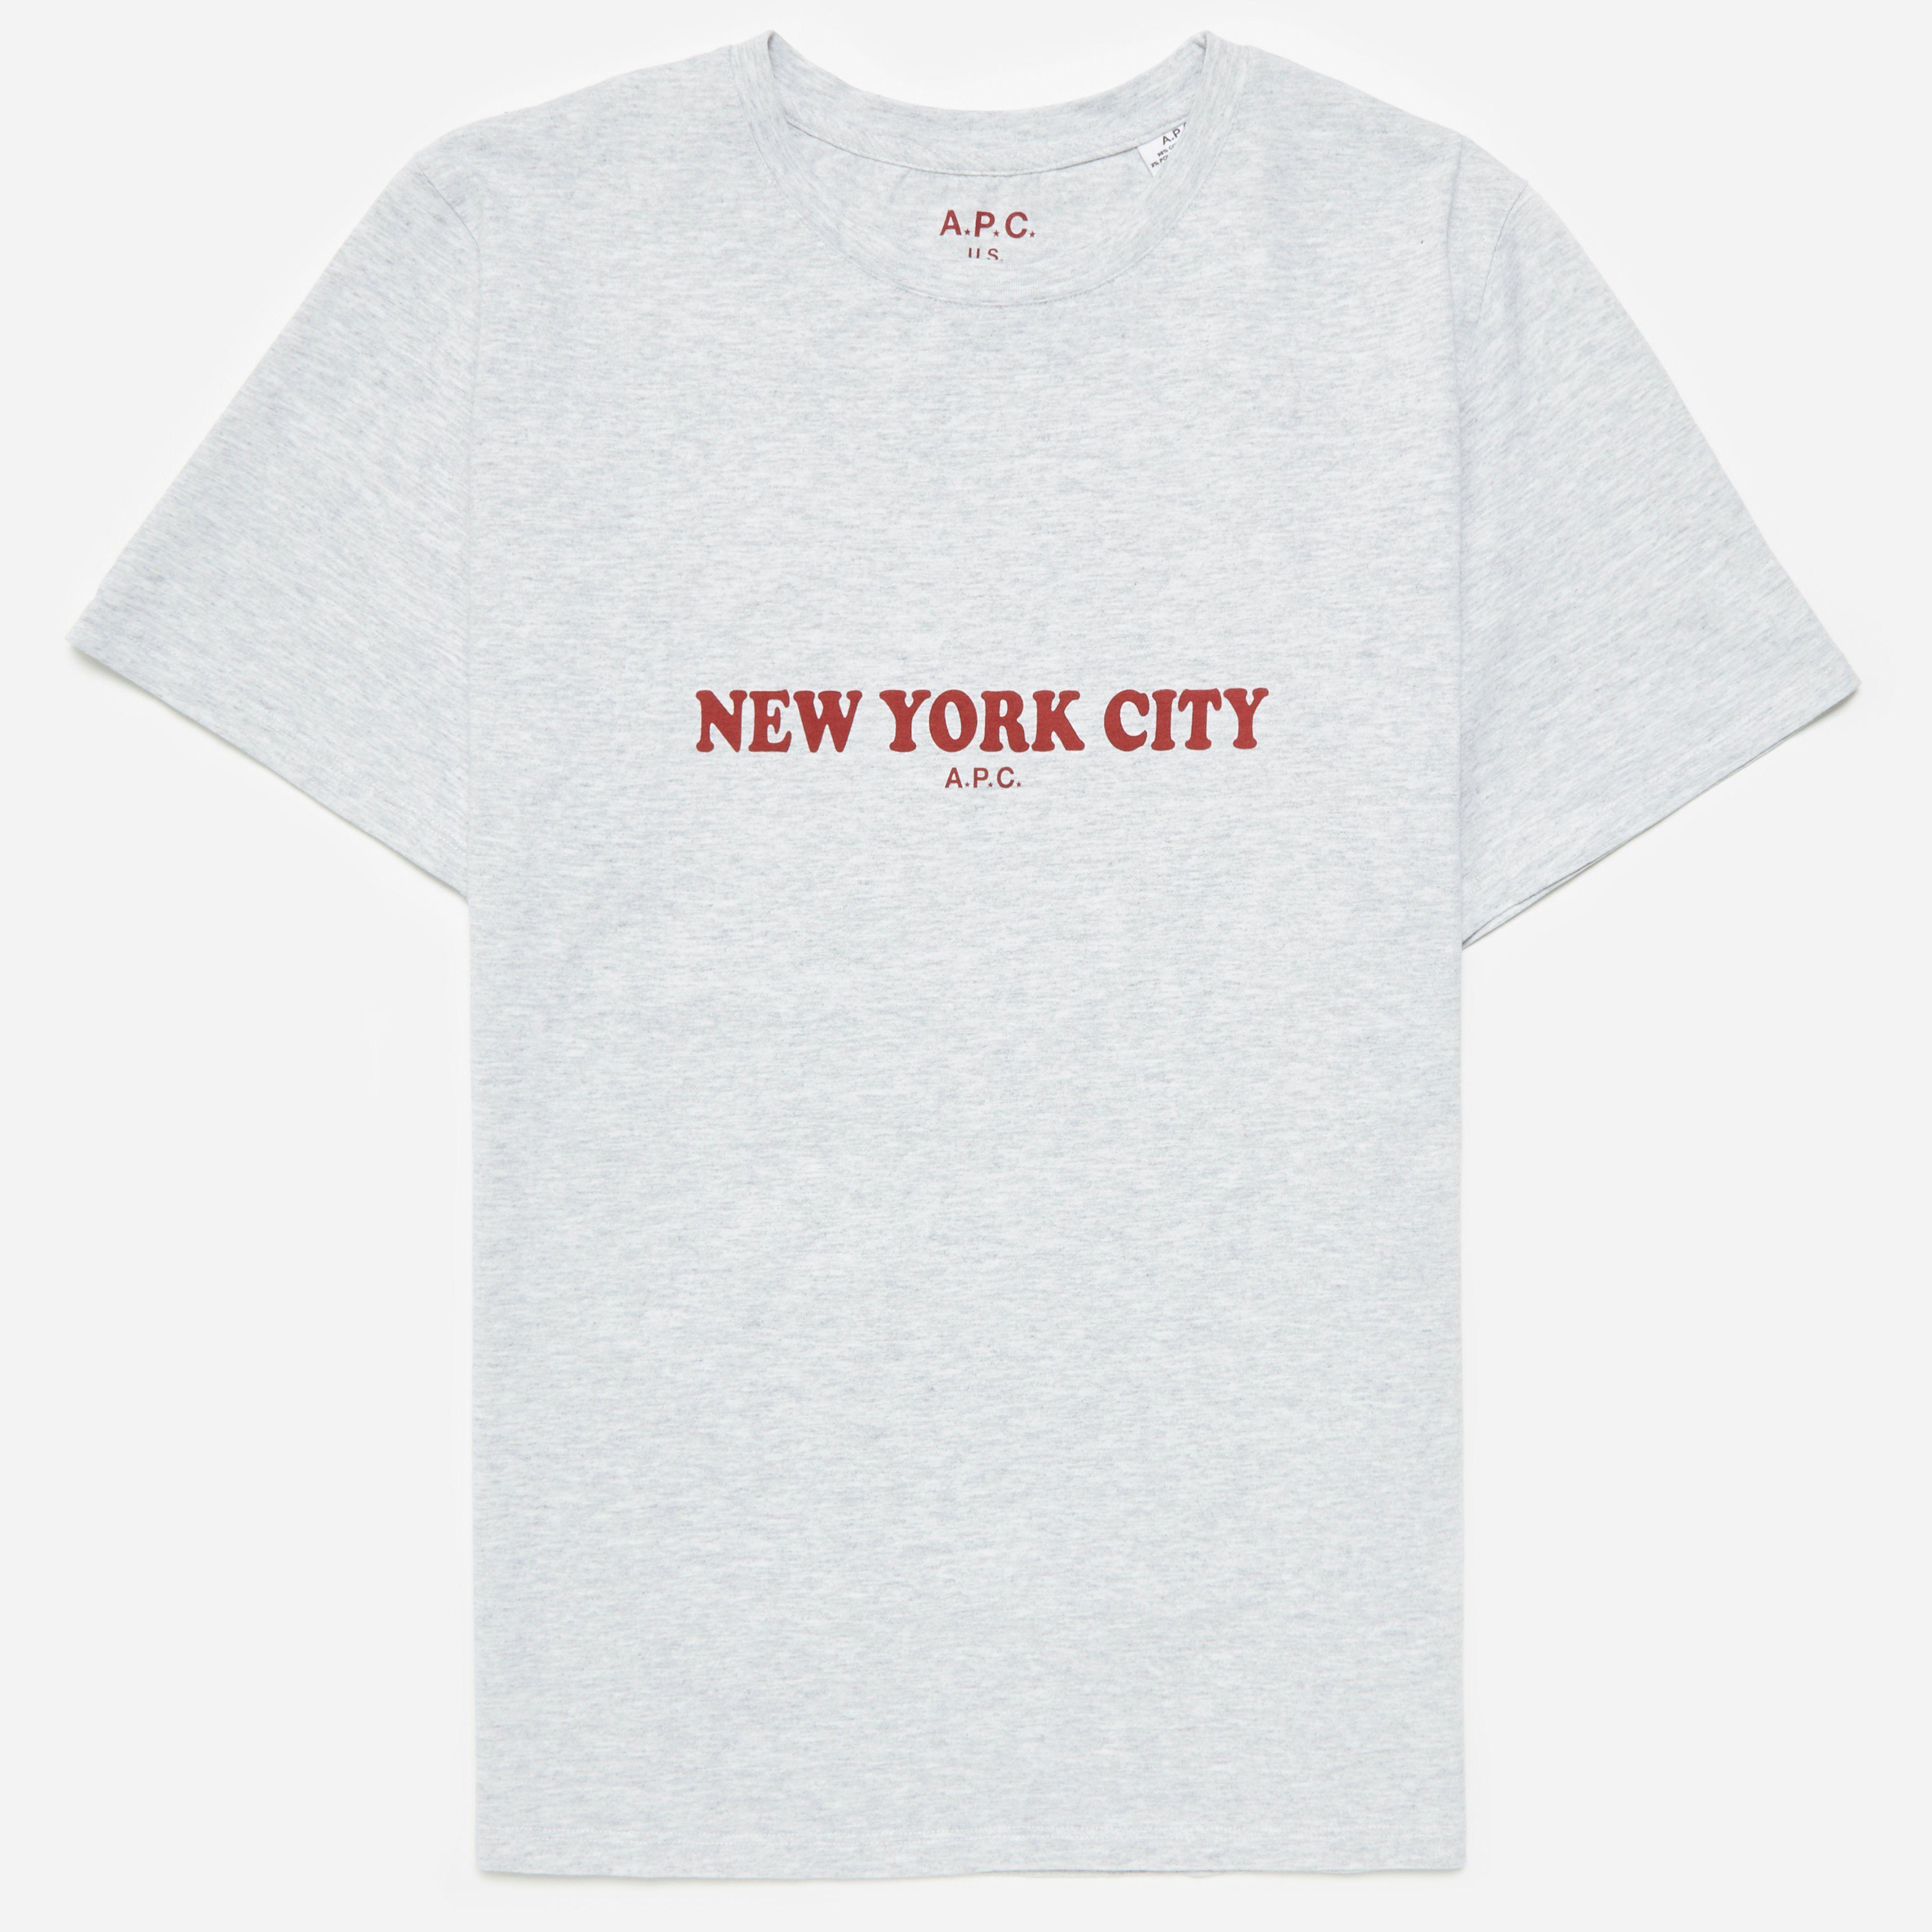 A.P.C. New York T-shirt